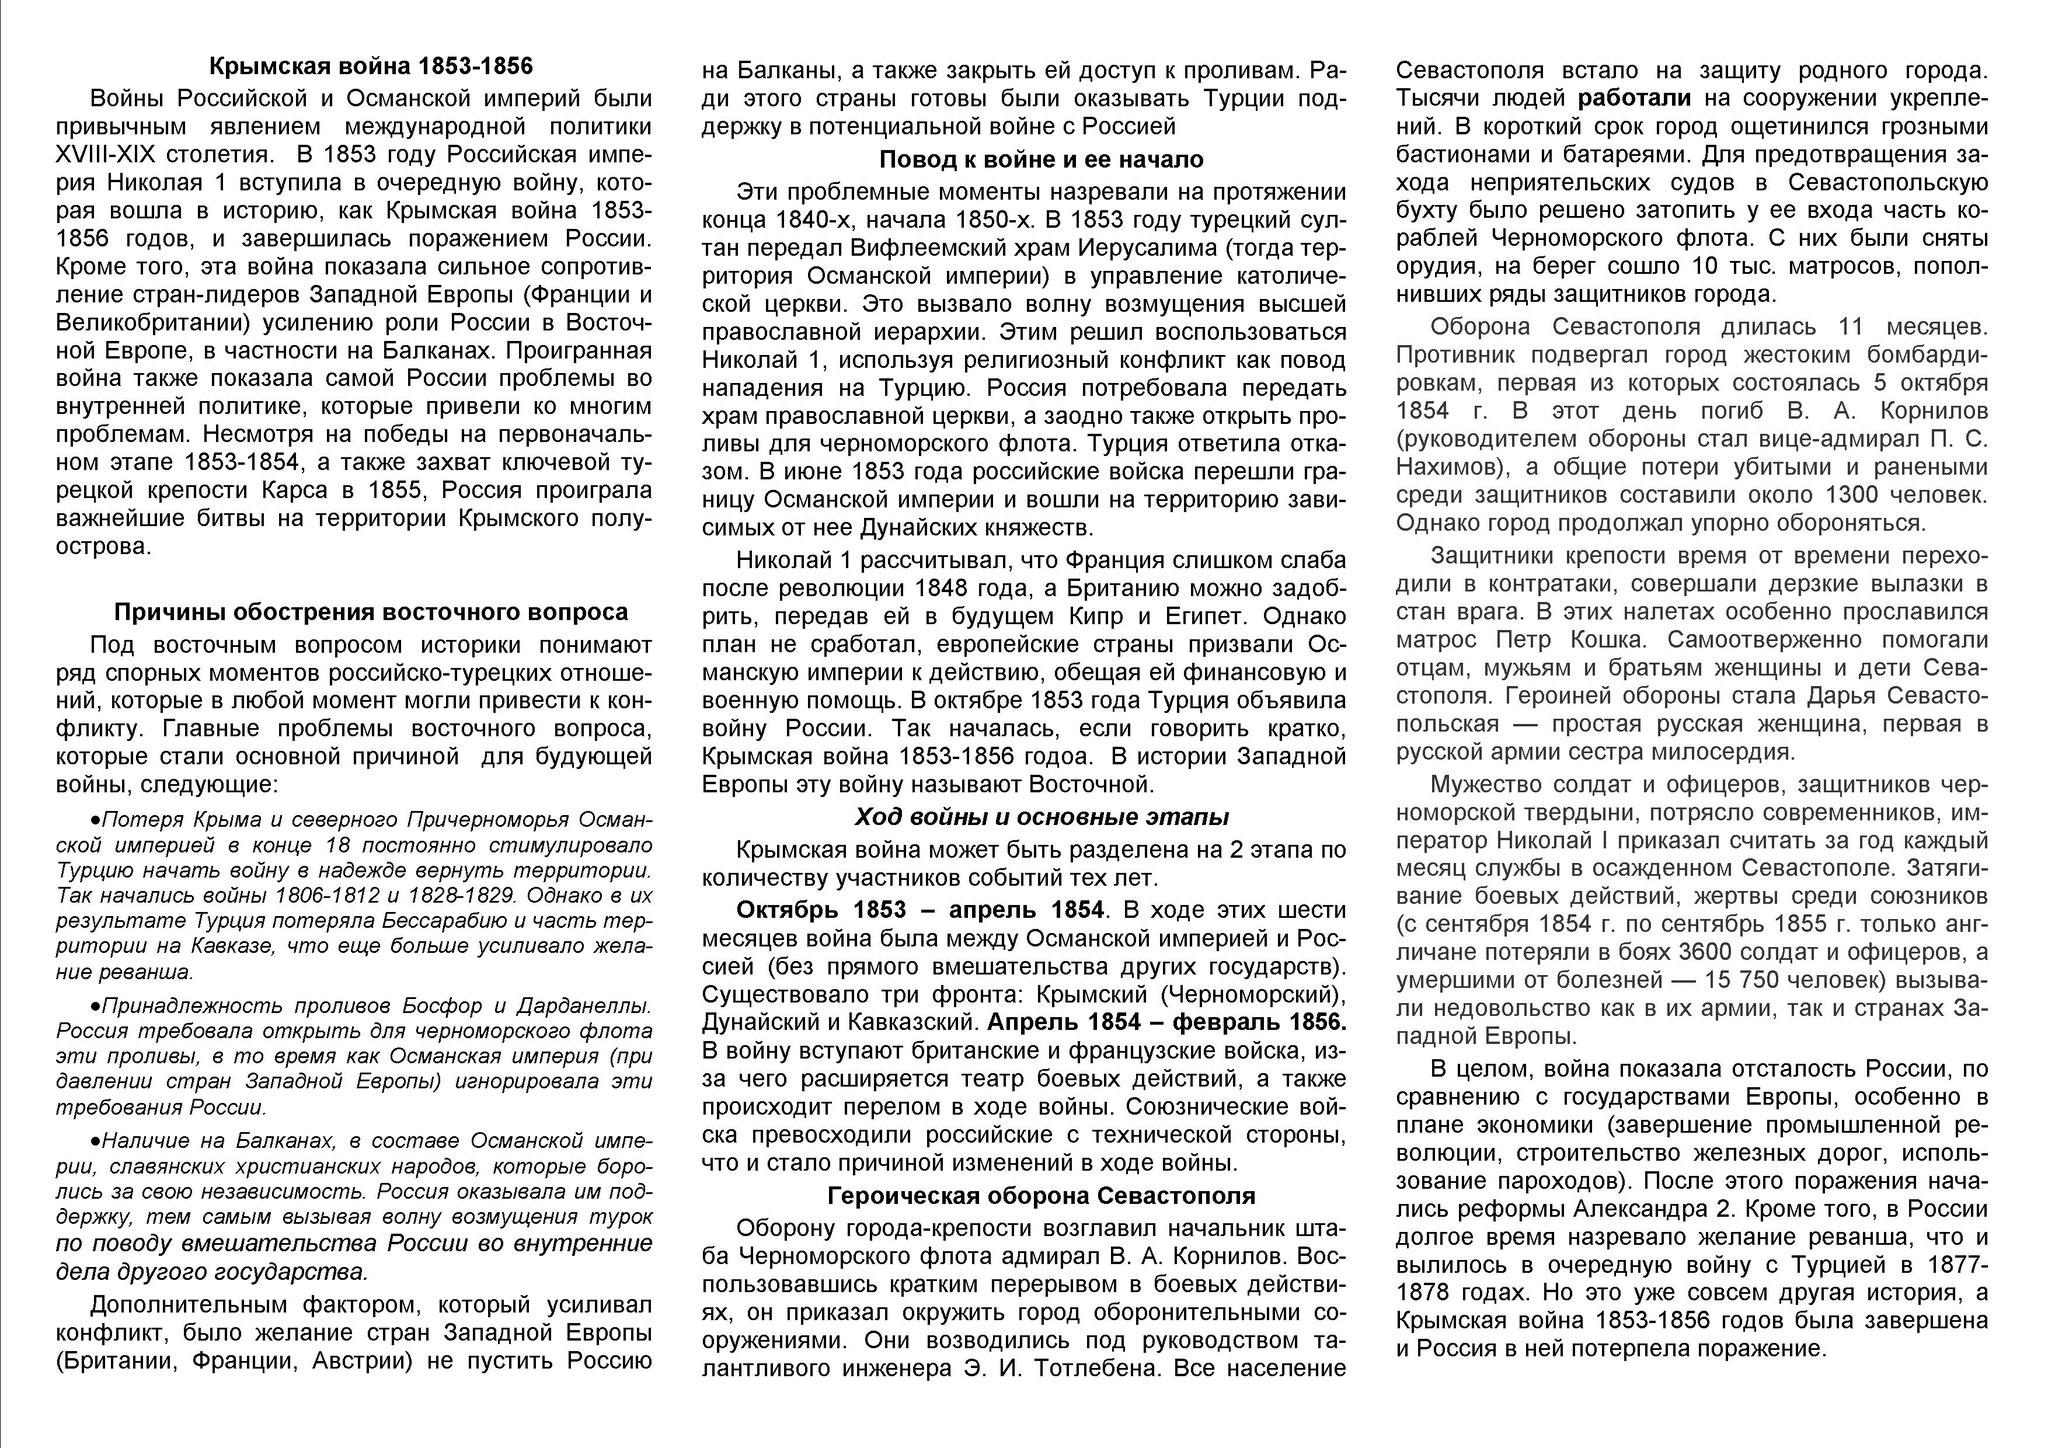 """Библиографическая памятка """"Бастионы Севастополя"""" (оборона Севастополя в Крымской войне)"""